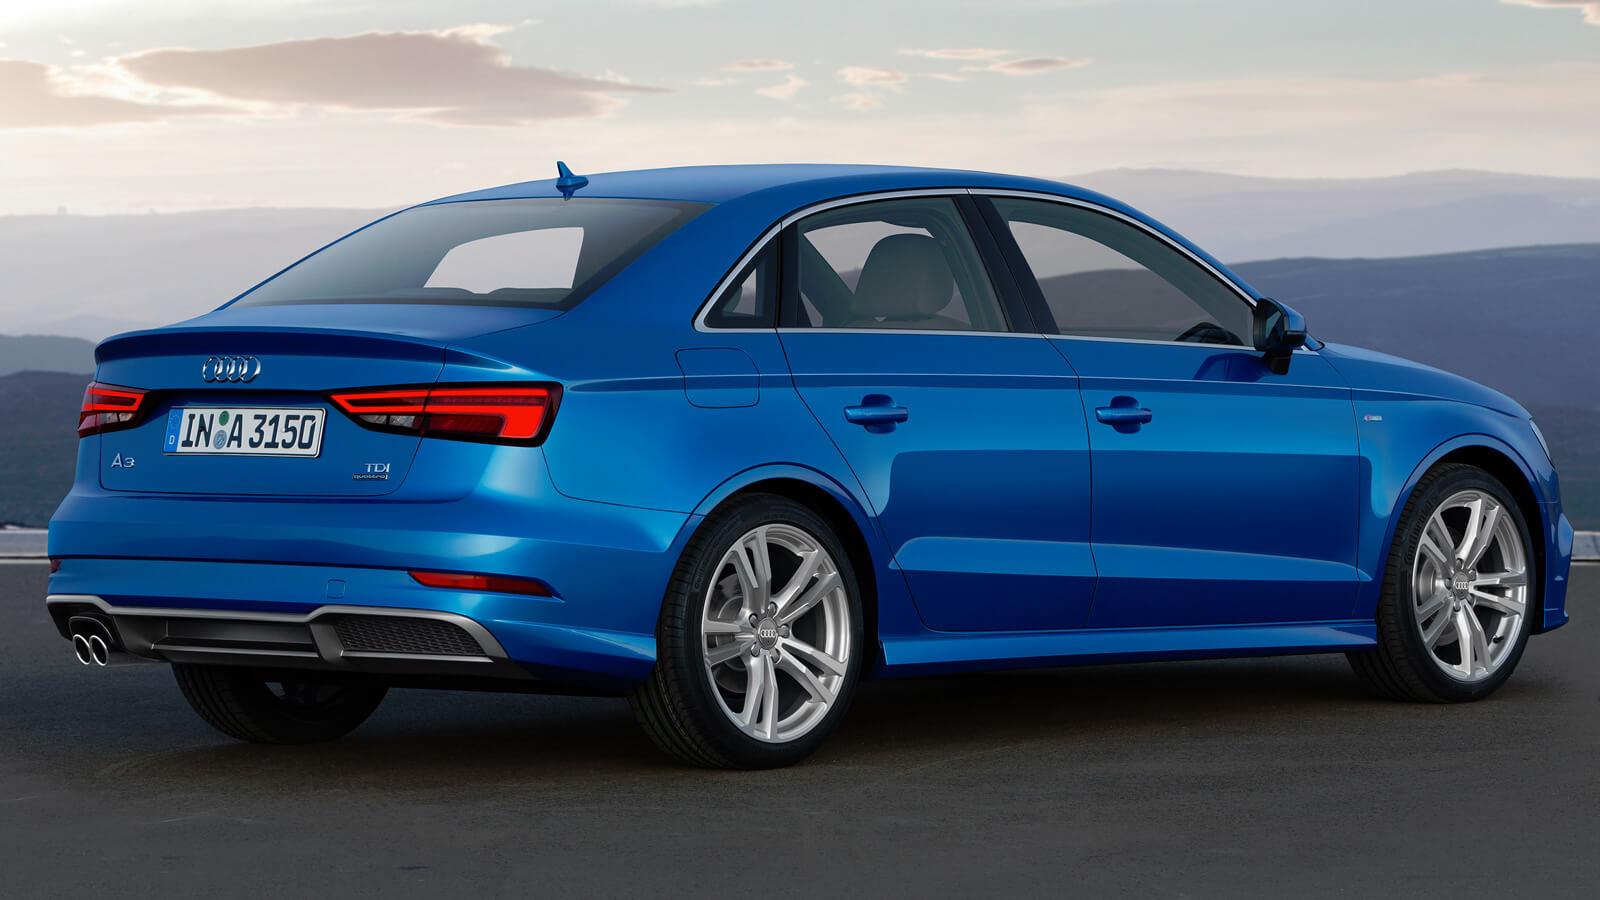 Audi A3 III (8V) Sedan Restyling - Вид сзади, синий